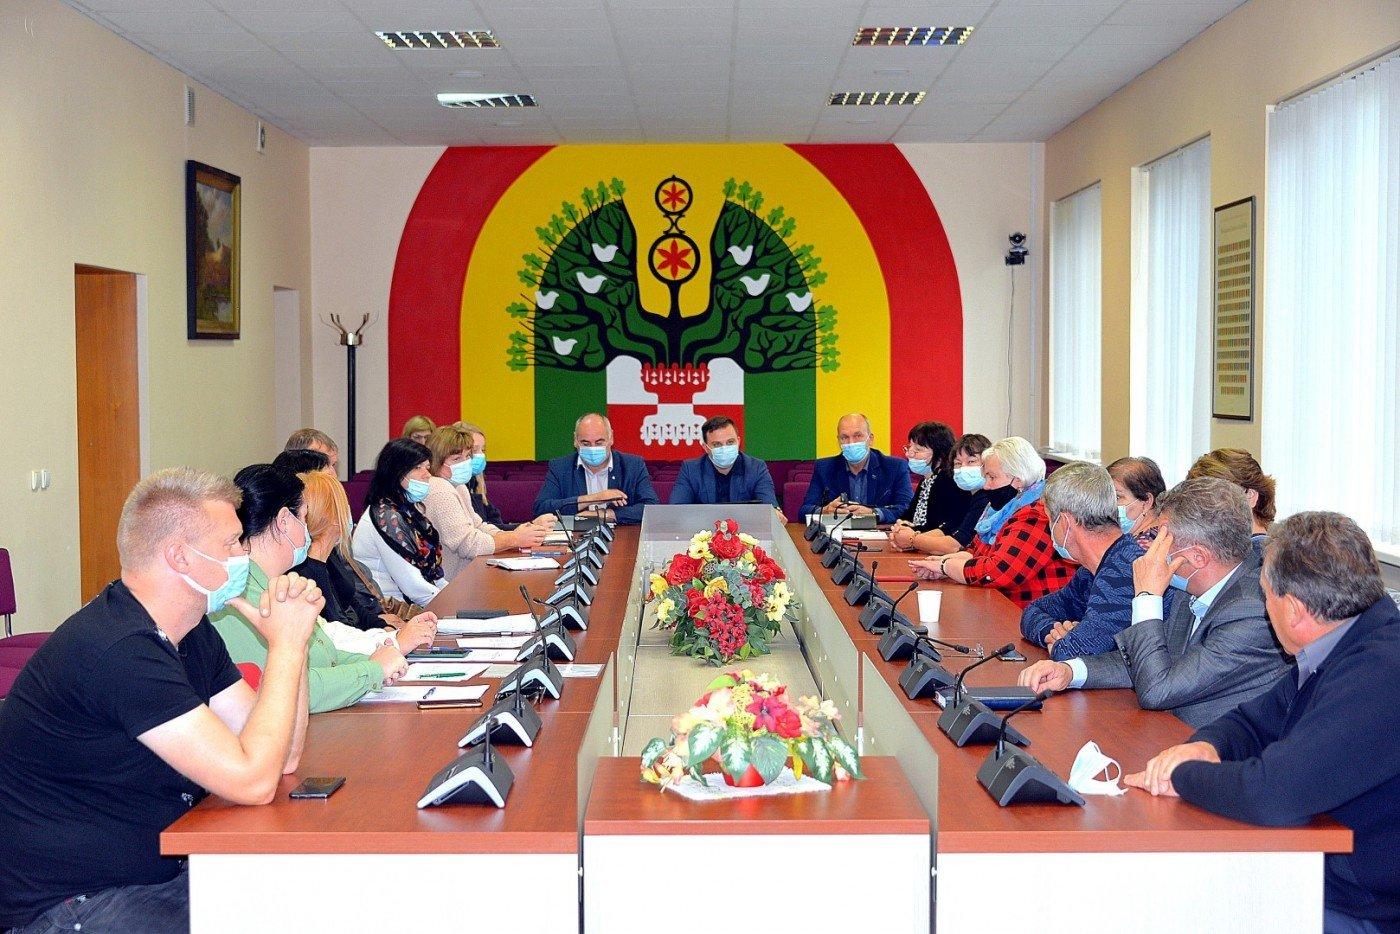 Šilalėje įvyko pasitarimas su VVG atstovais ir bendruomenės nariais